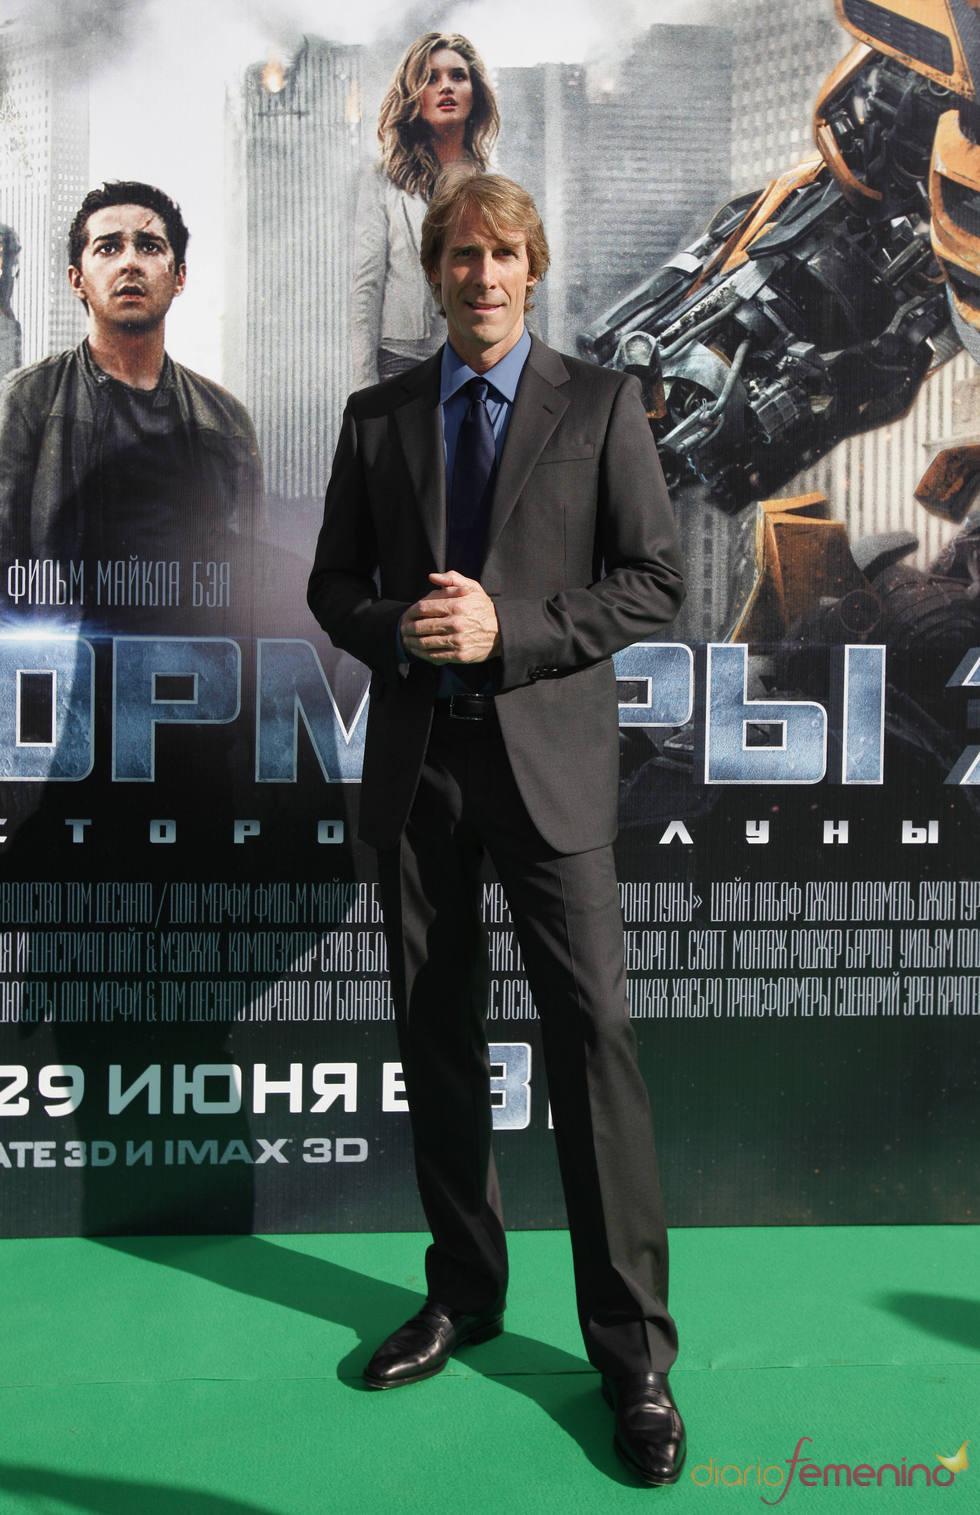 Michael Bay en el photocall de la premier de 'Transformers 3' en Moscú